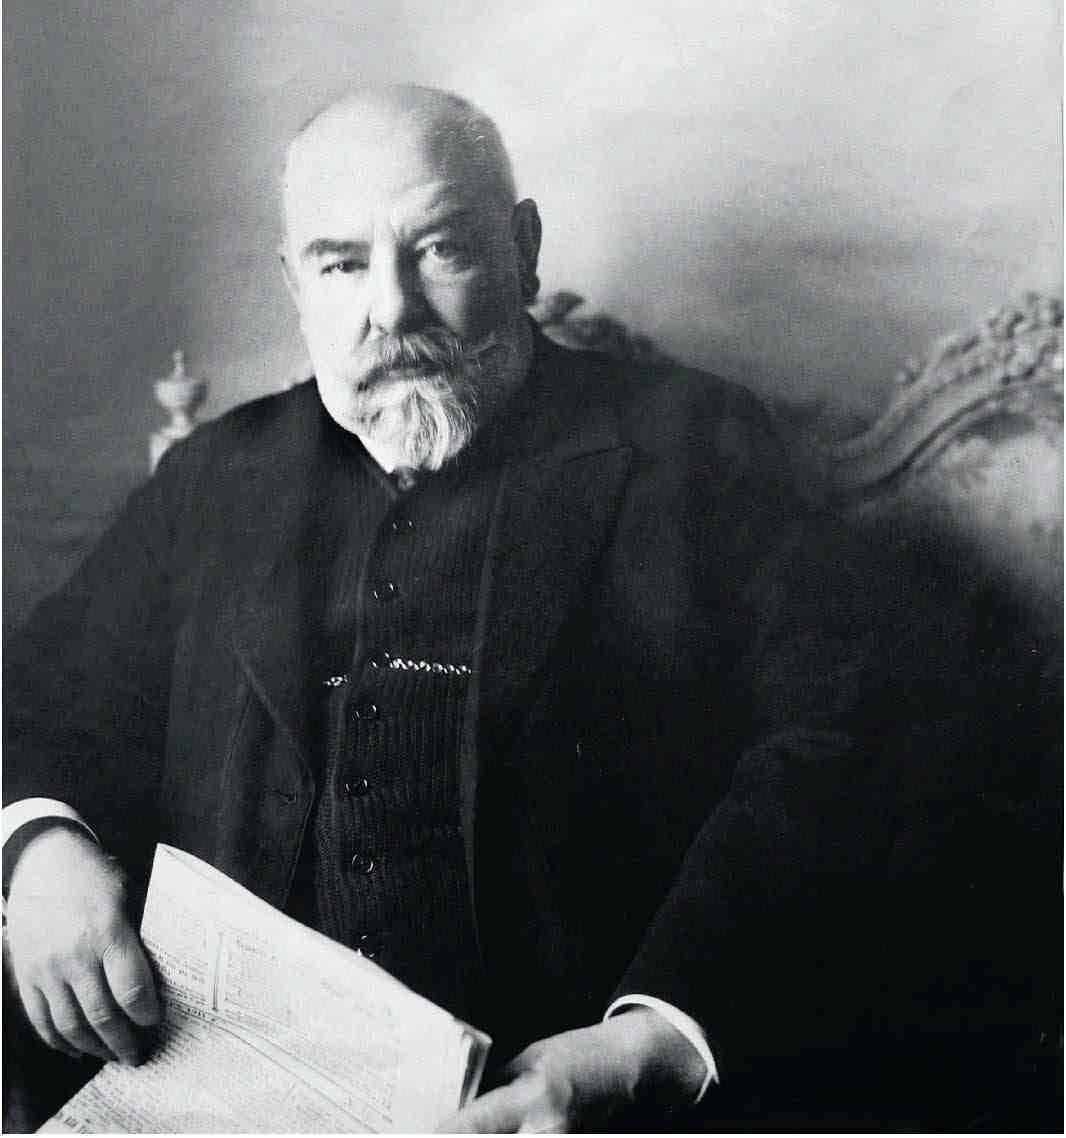 1914. Государственный контроллер Пётр Алексеевич Харитонов